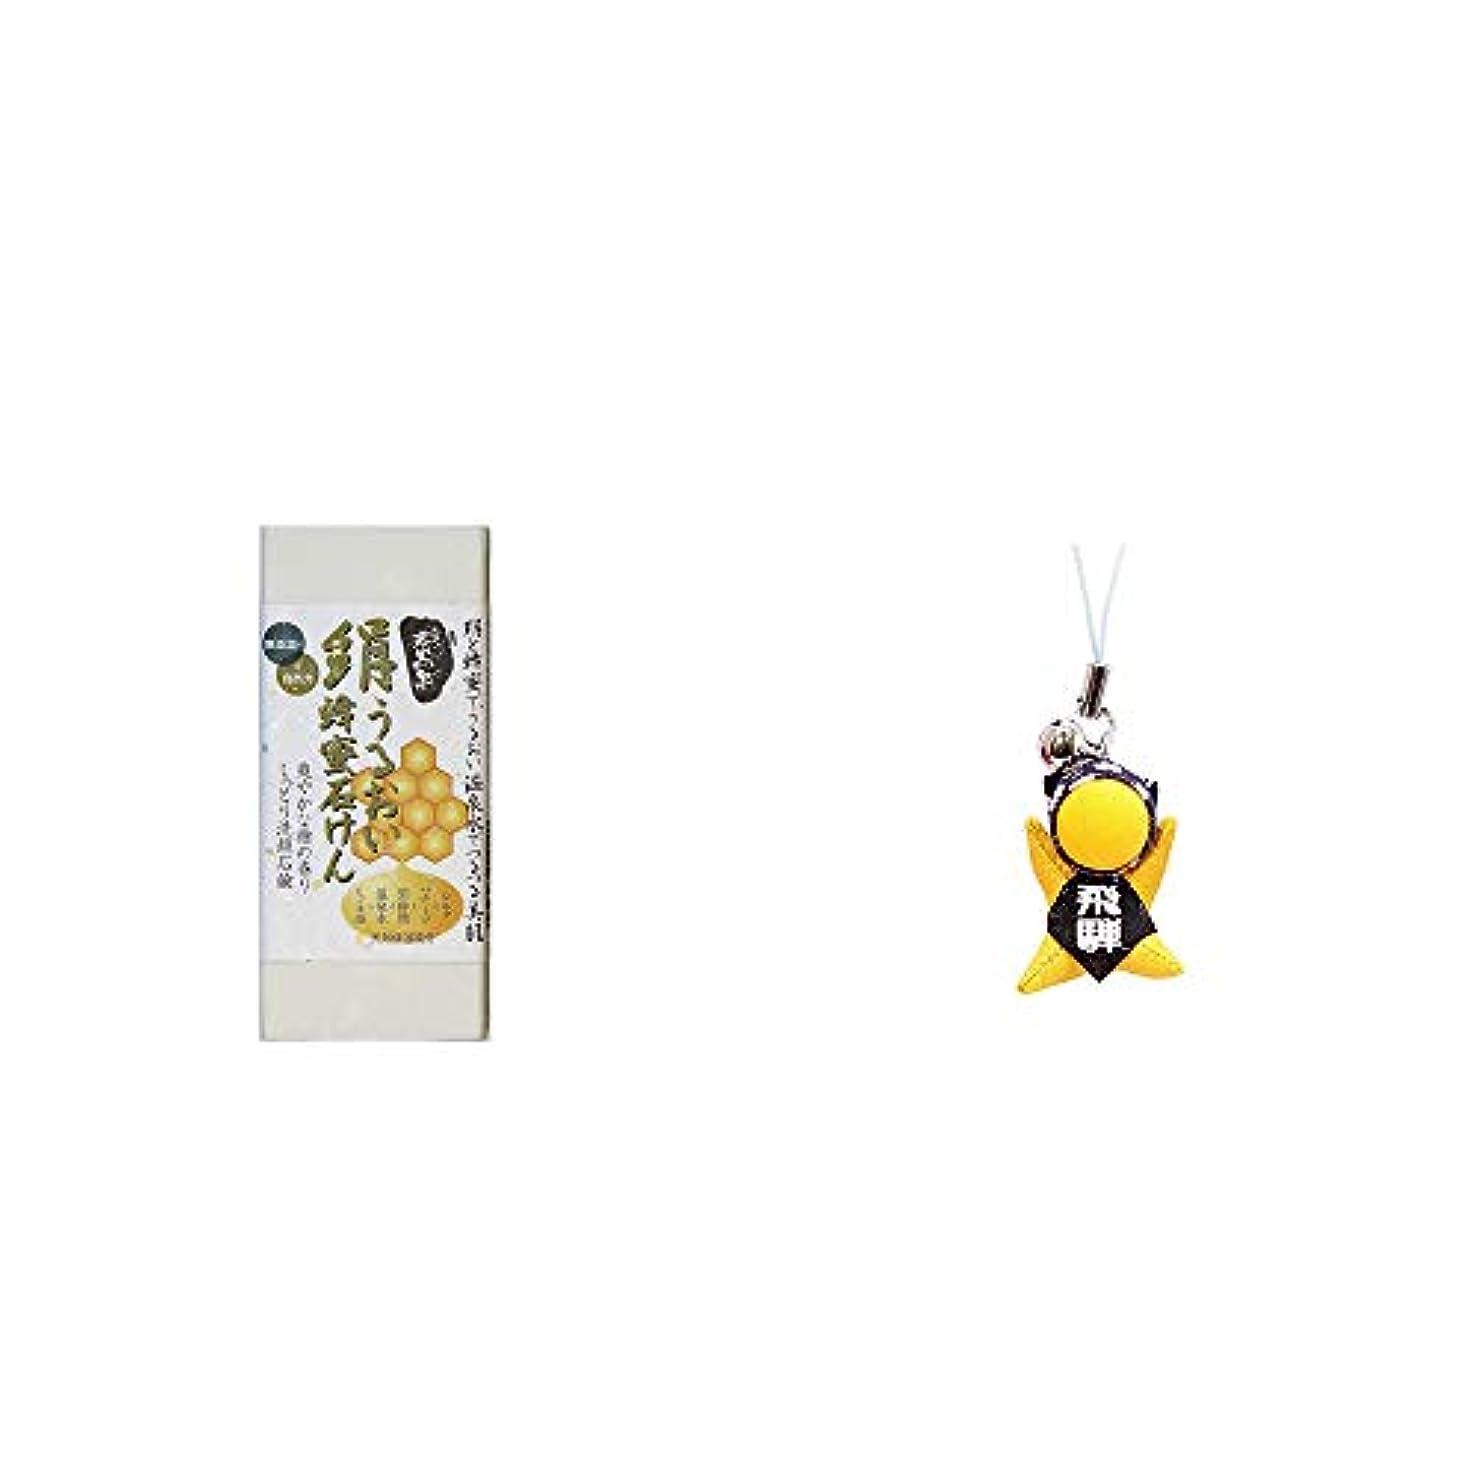 [2点セット] ひのき炭黒泉 絹うるおい蜂蜜石けん(75g×2)?さるぼぼ幸福ストラップ 【緑】 / 風水カラー全9種類 健康 お守り//